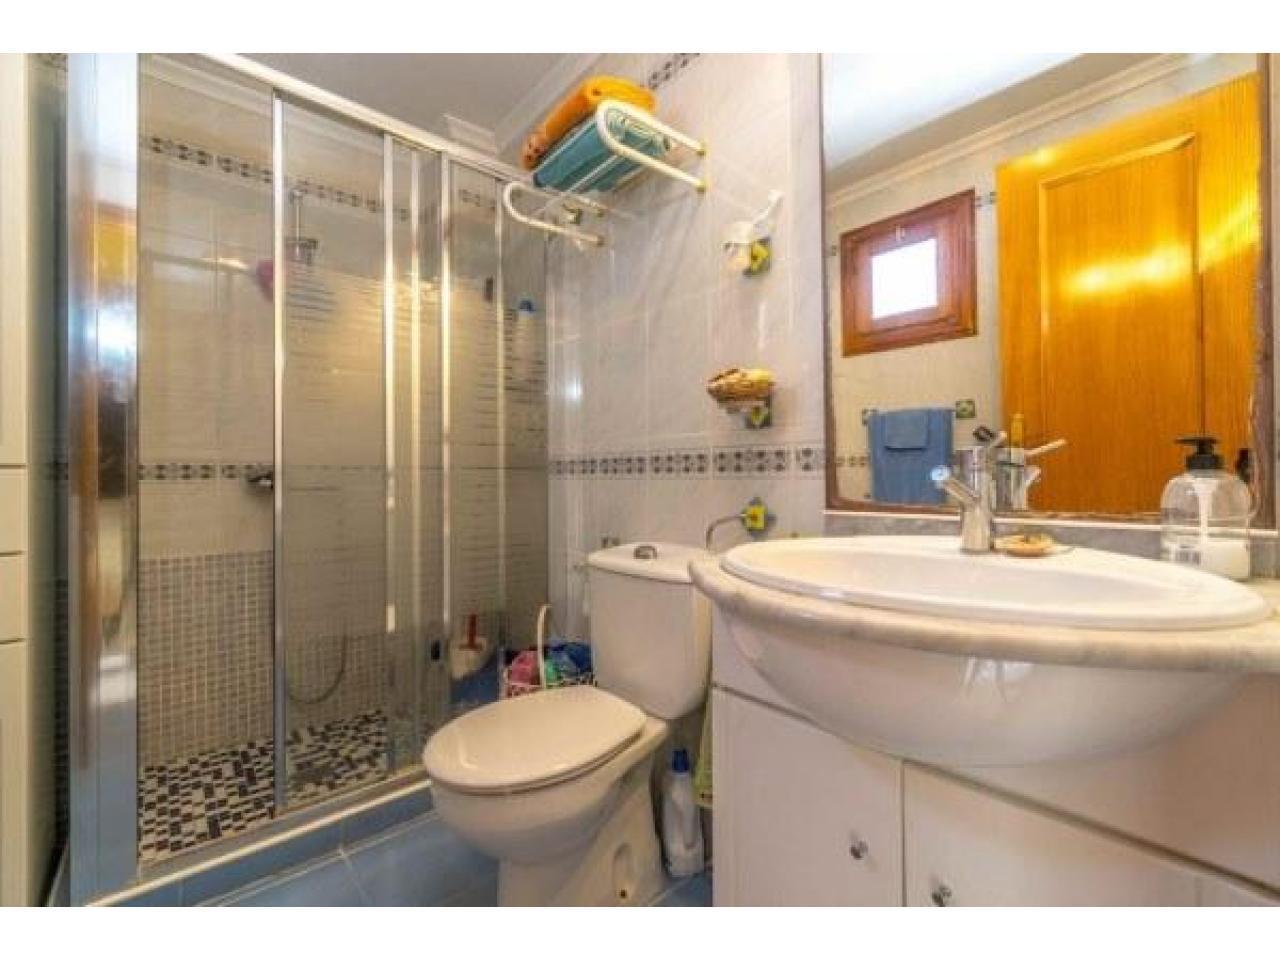 Недвижимость в Испании, Квартира рядом с пляжем в Ла Мата,Торревьеха,Коста Бланка,Испания - 9